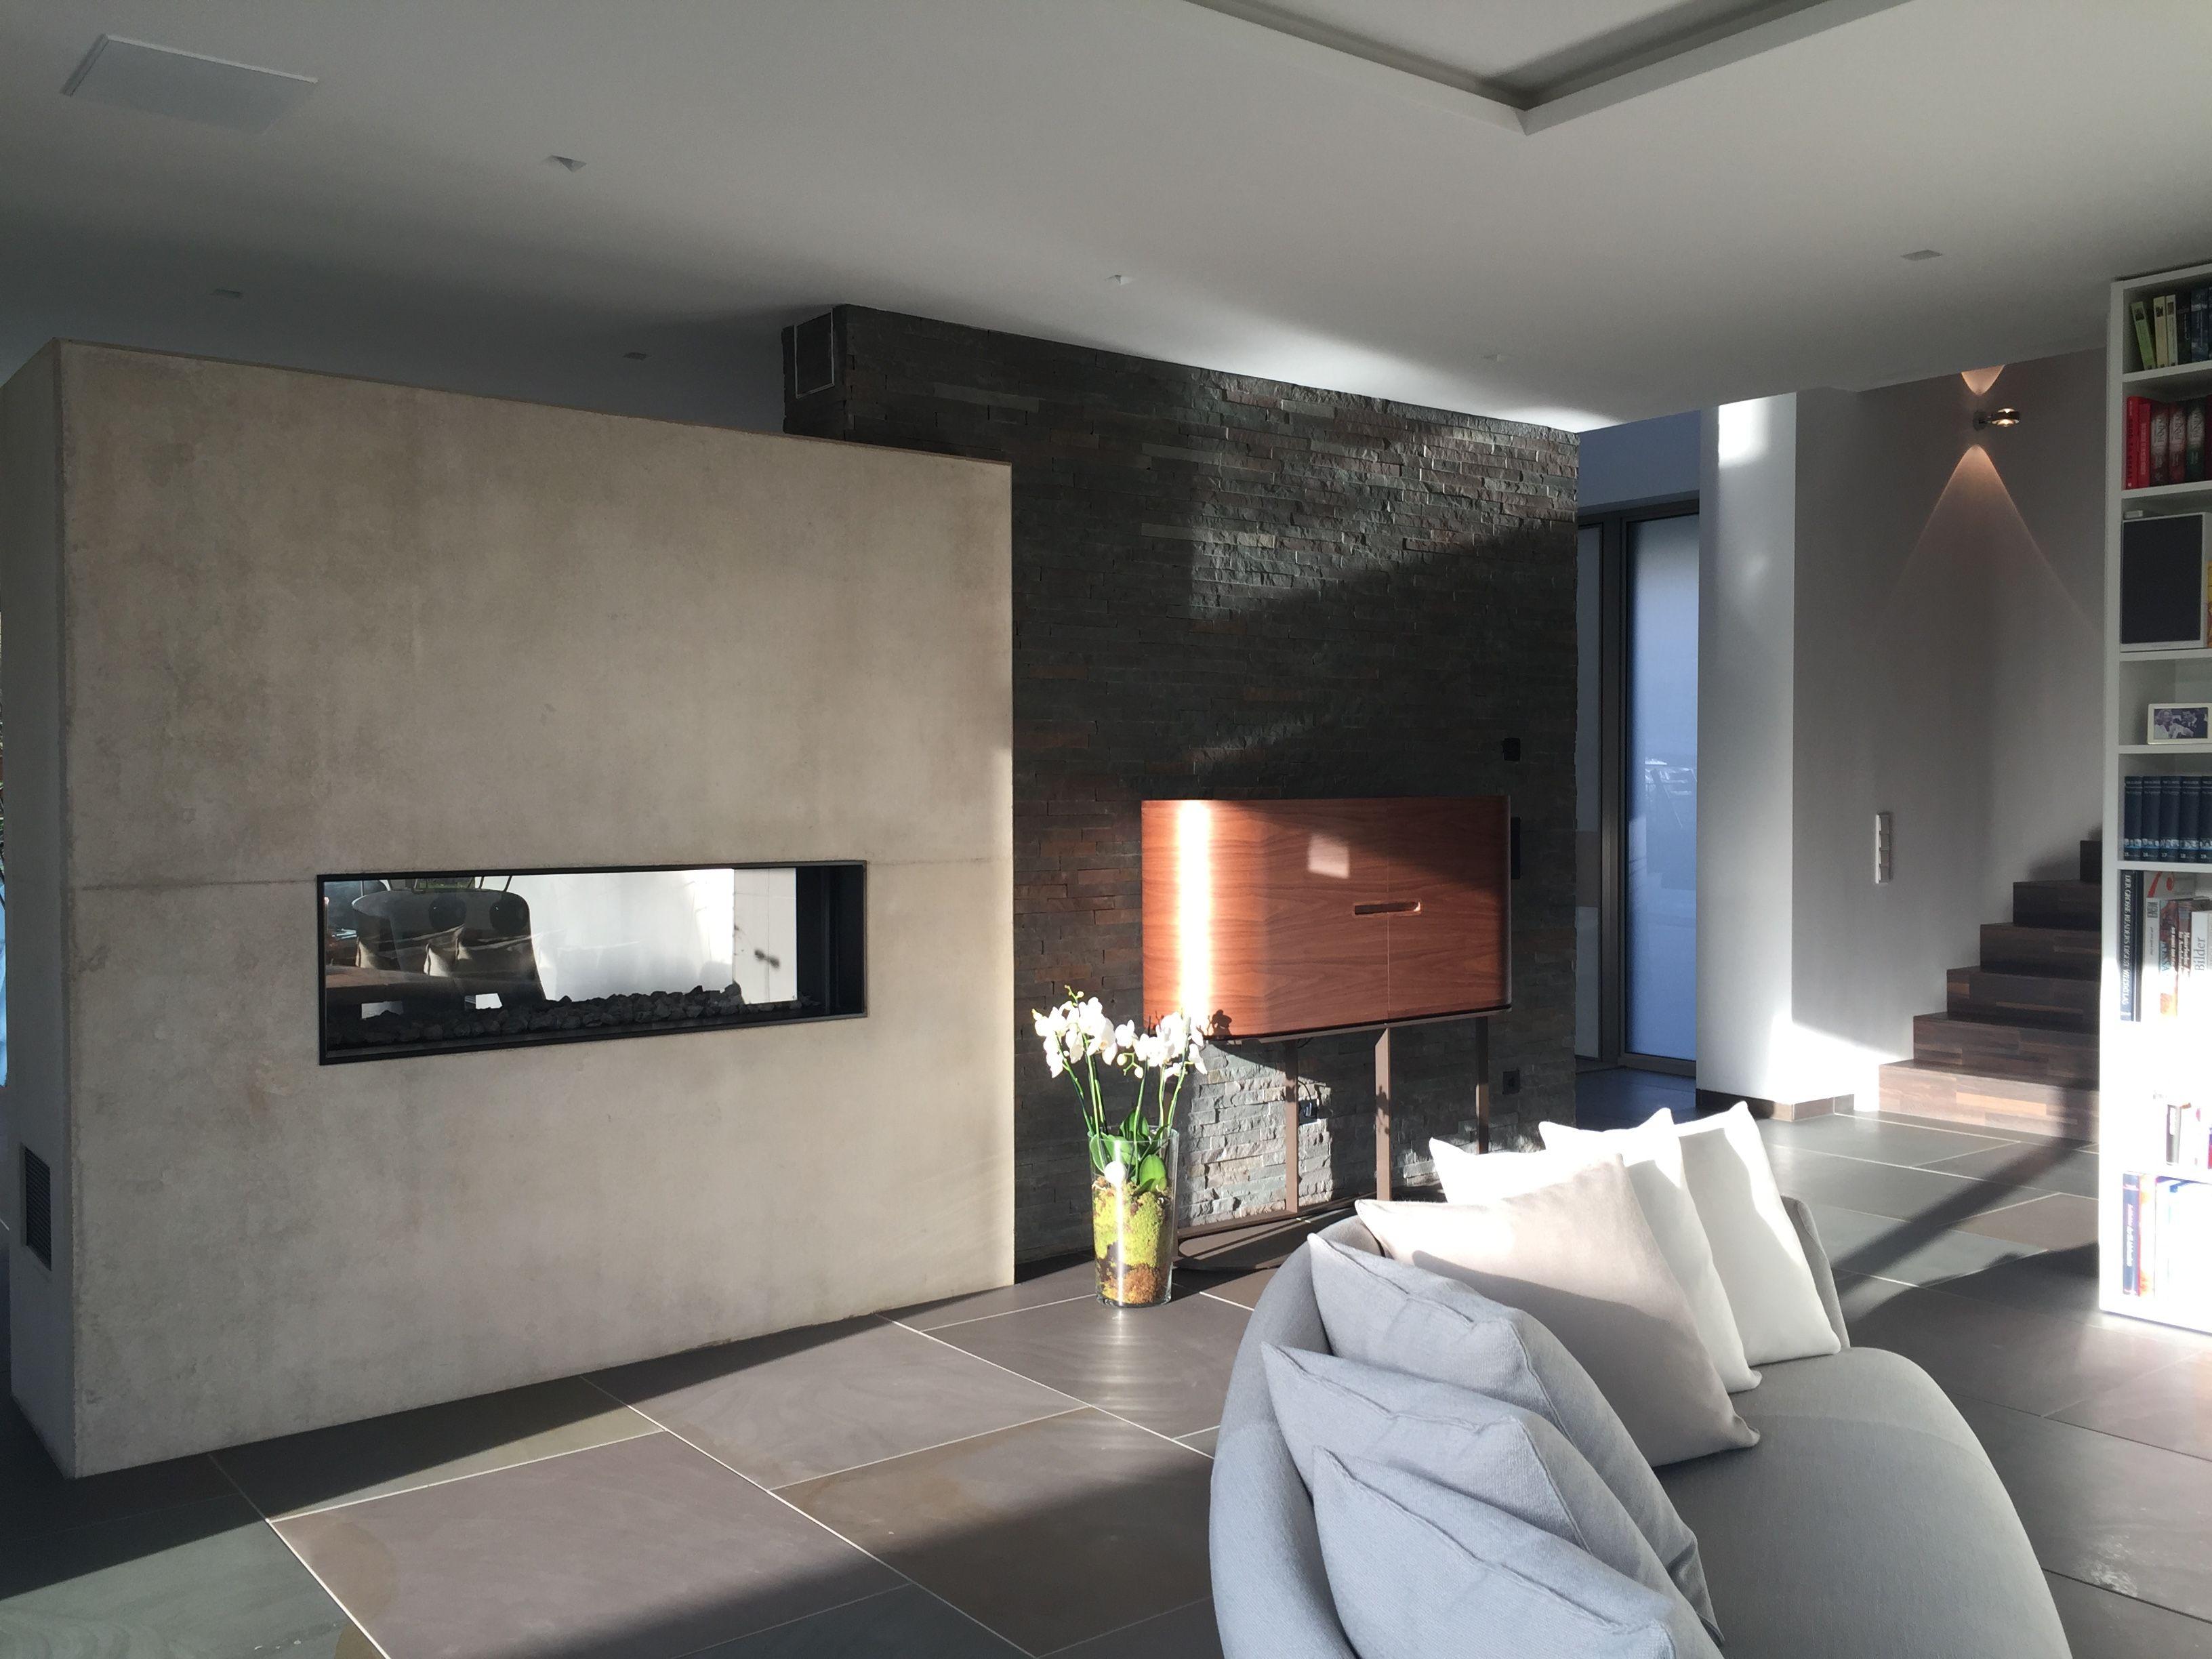 Moderne Wohnzimmer Gestaltung. Exklusives Design. Original ...